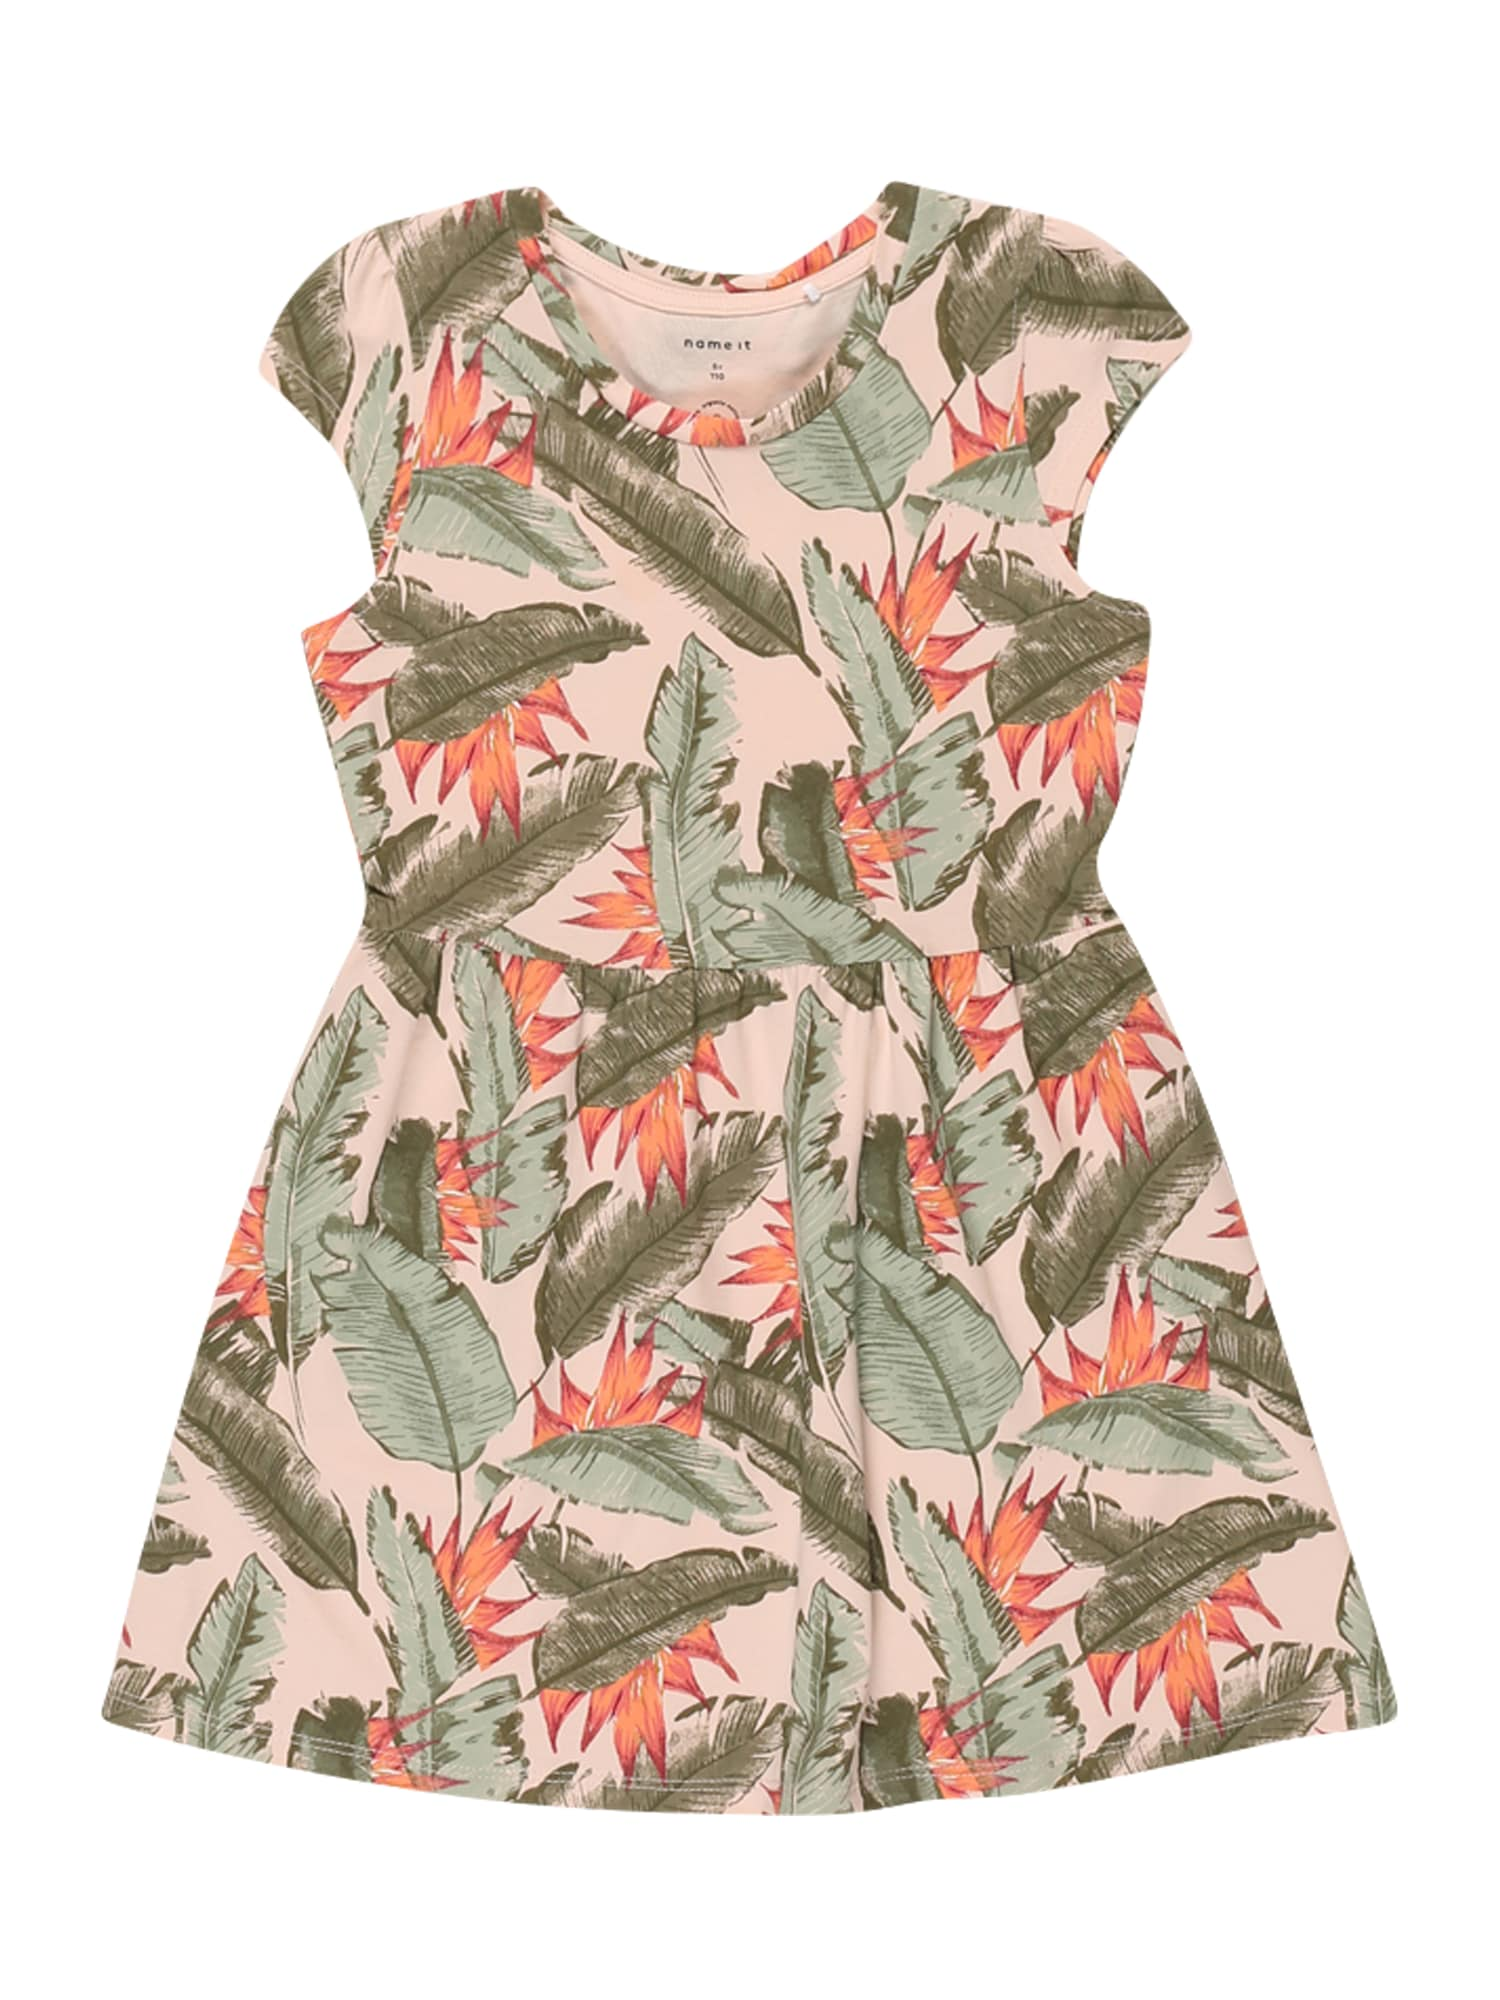 NAME IT Suknelė 'FIBLOOM' rožių spalva / rusvai žalia / oranžinė / raudona